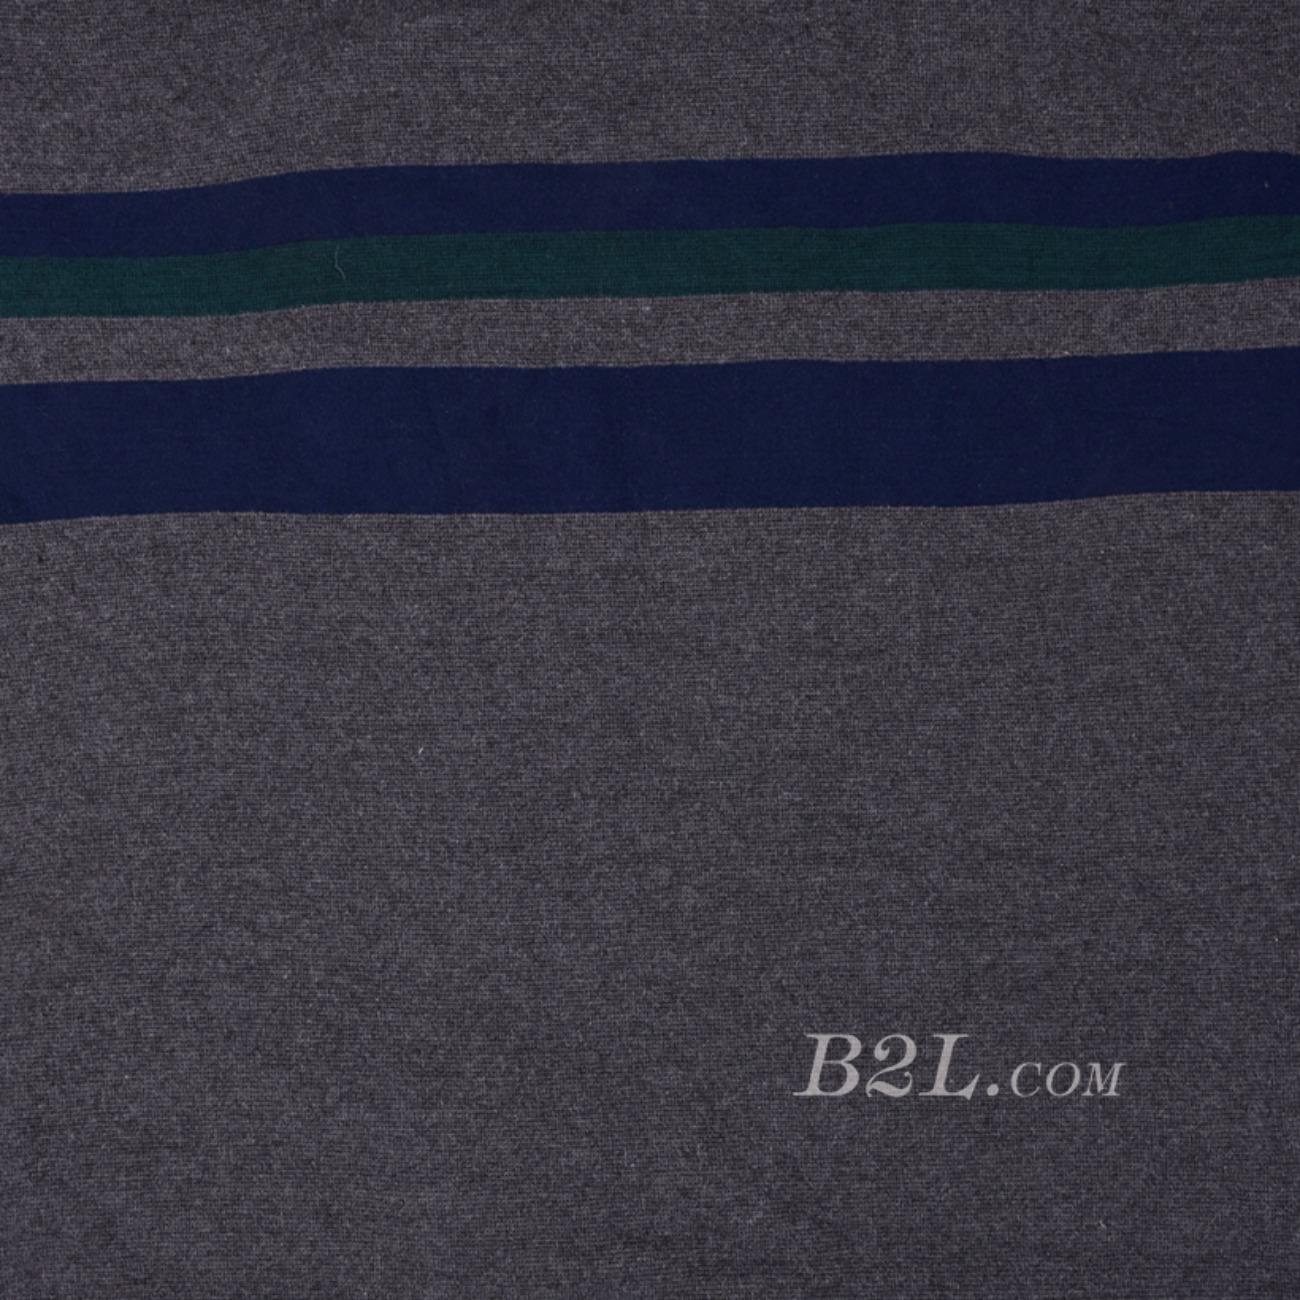 期货 针织 双面 条子 高弹 棉感 连衣裙 T恤 女装 80509-17